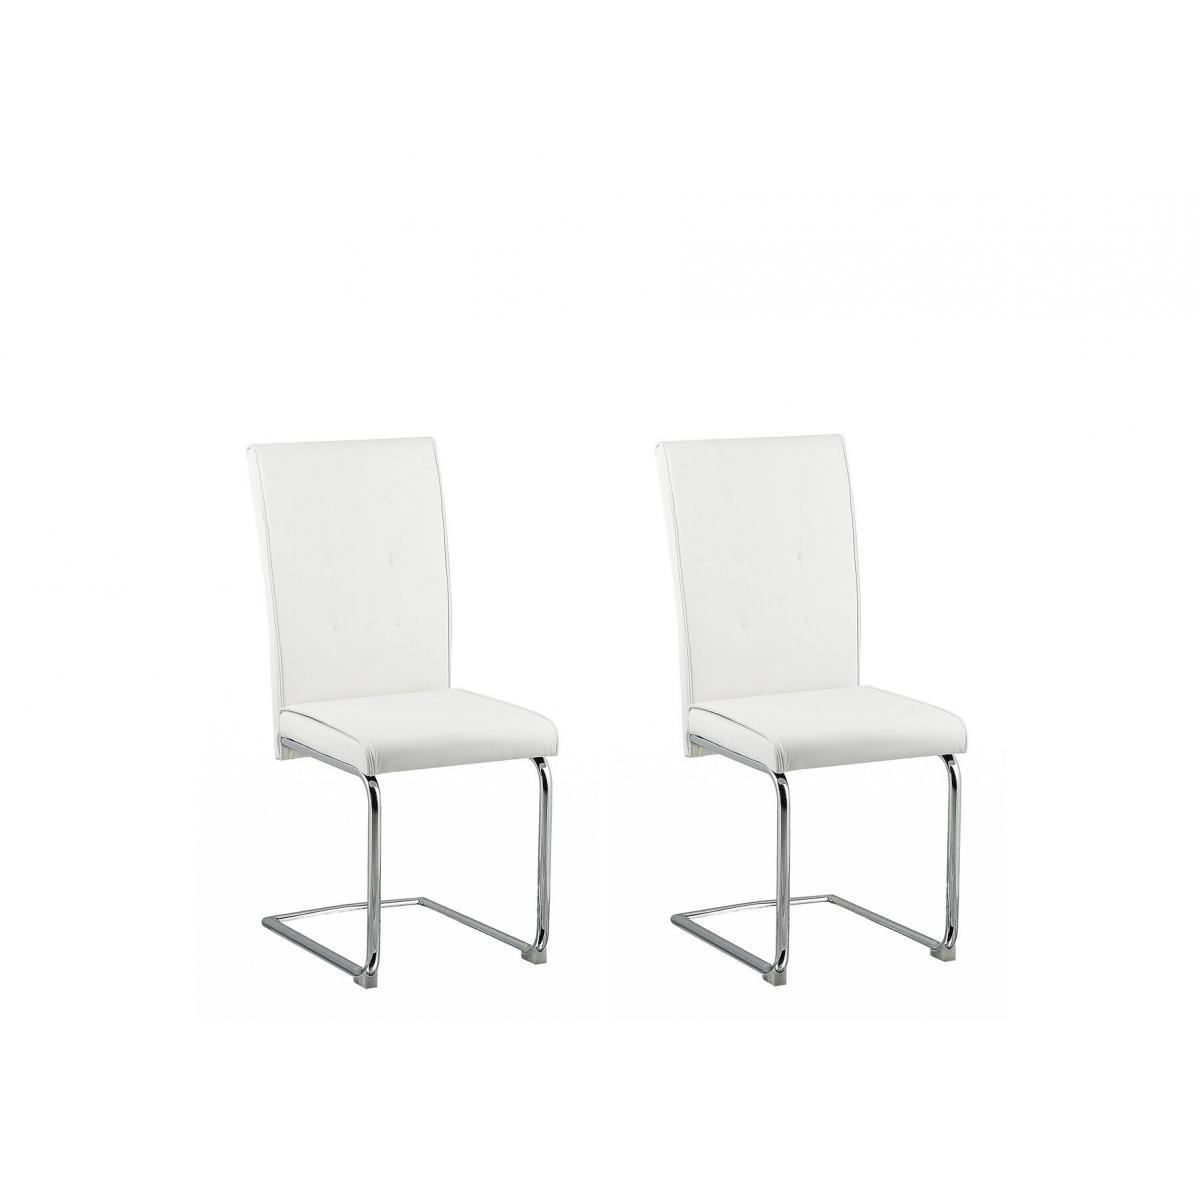 Beliani Beliani Lot de 2 chaises de salle à manger en simili-cuir blanc cassé ROVARD -